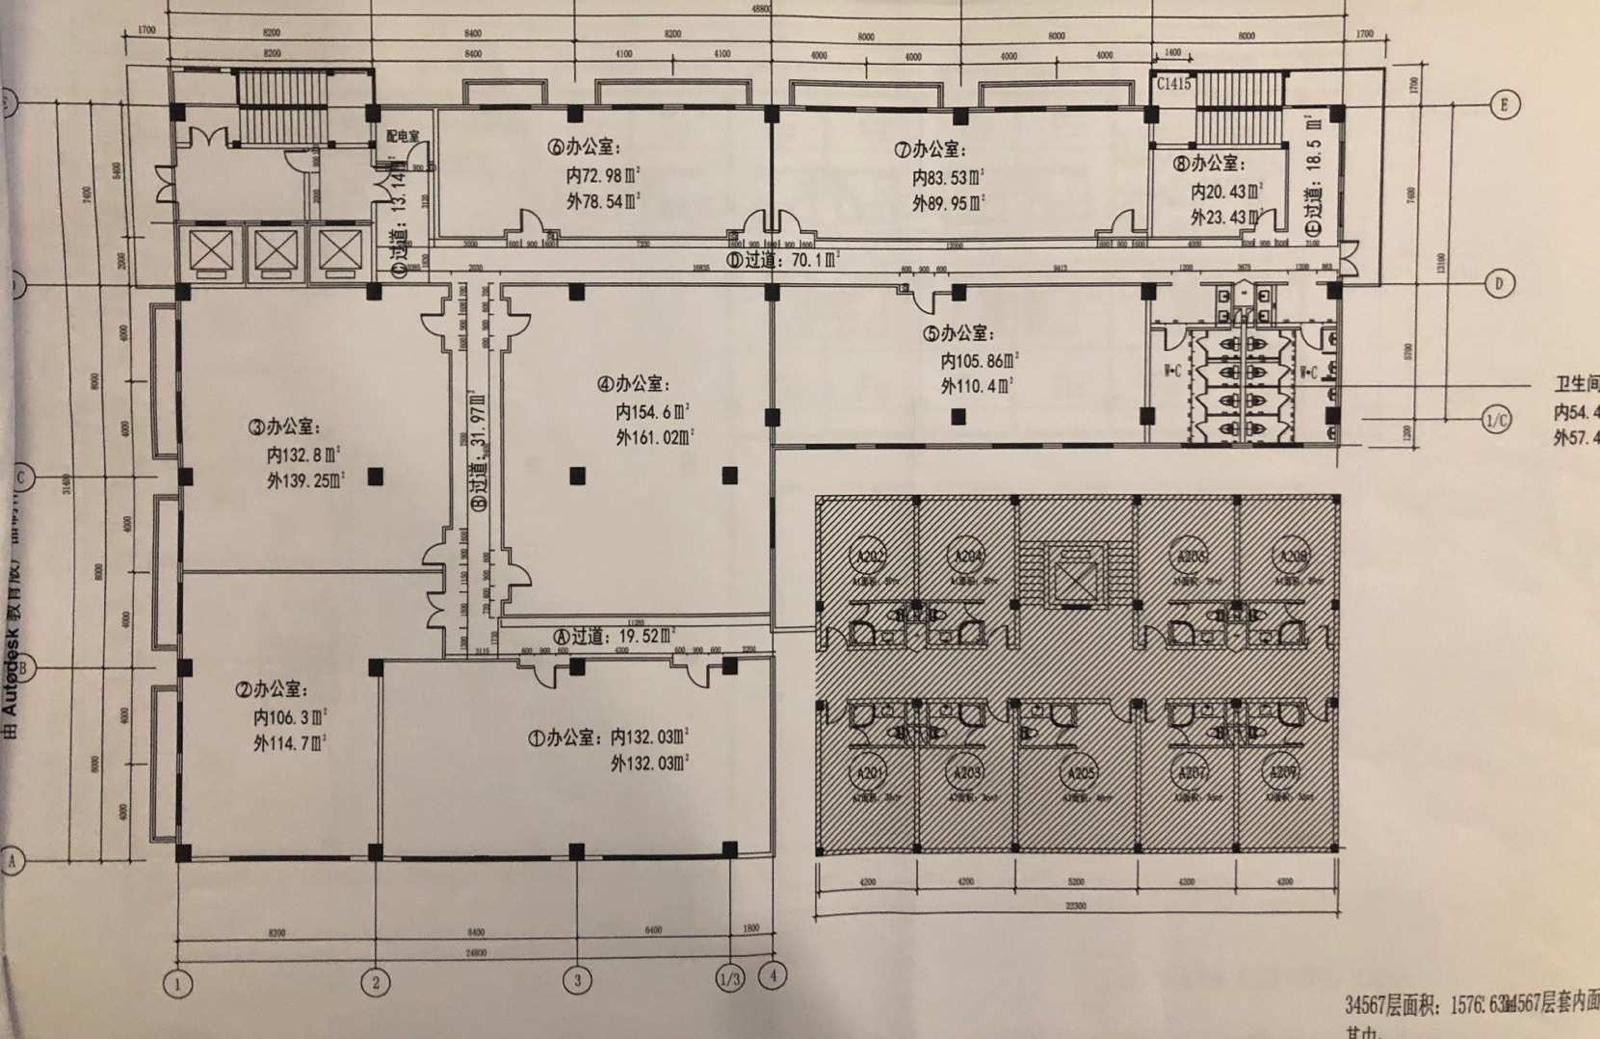 西港新永利酒店·赌场·写字楼现火热招租